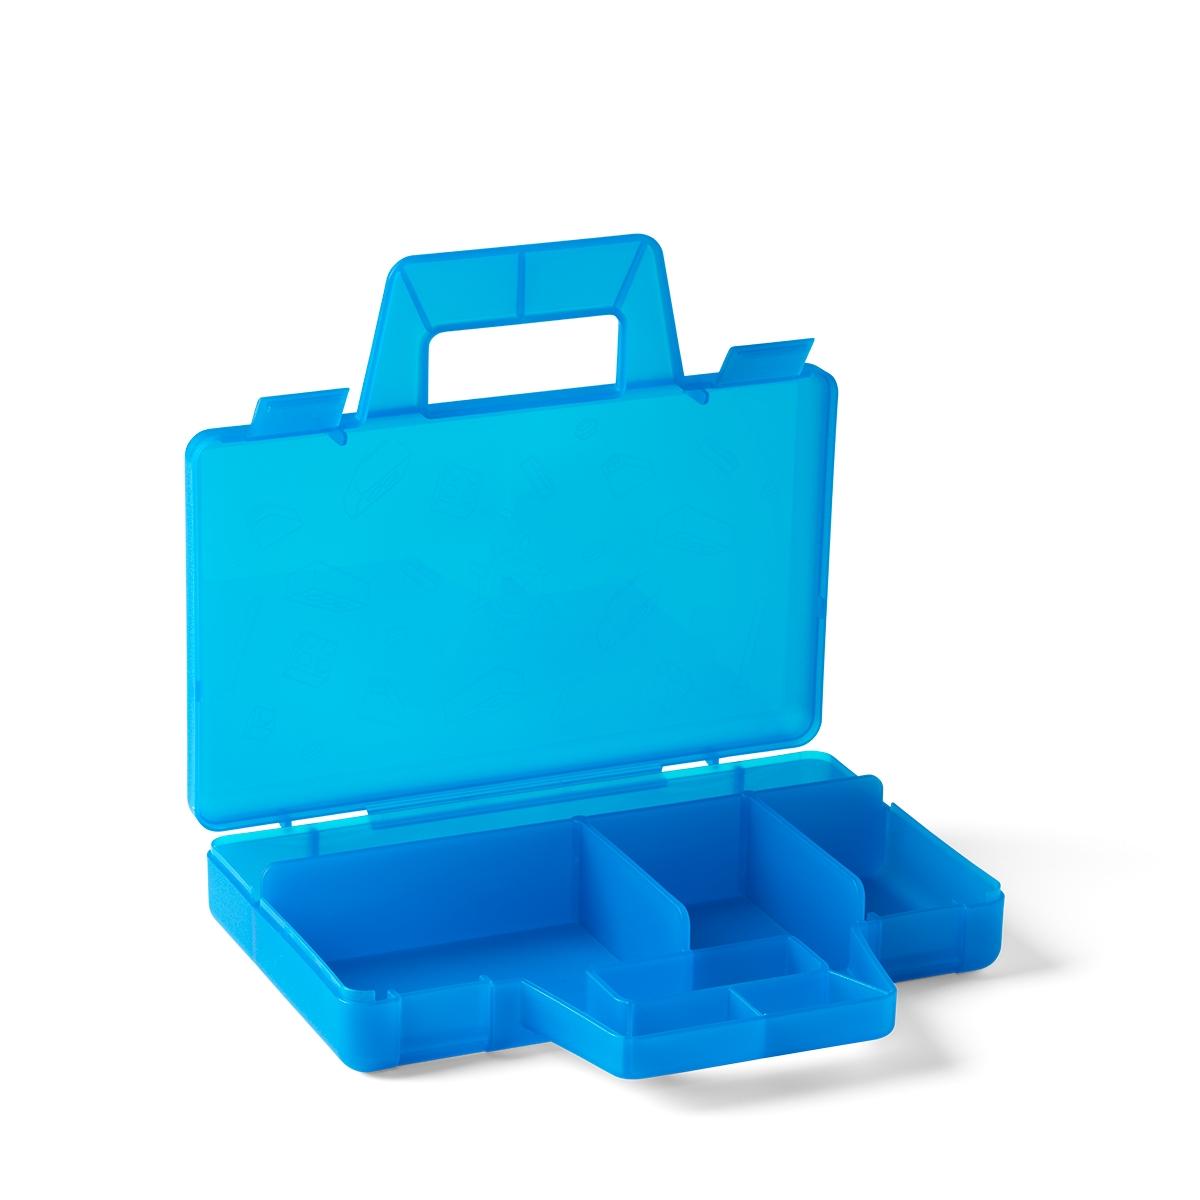 lego transparante blauwe sorteerdoos 5005890